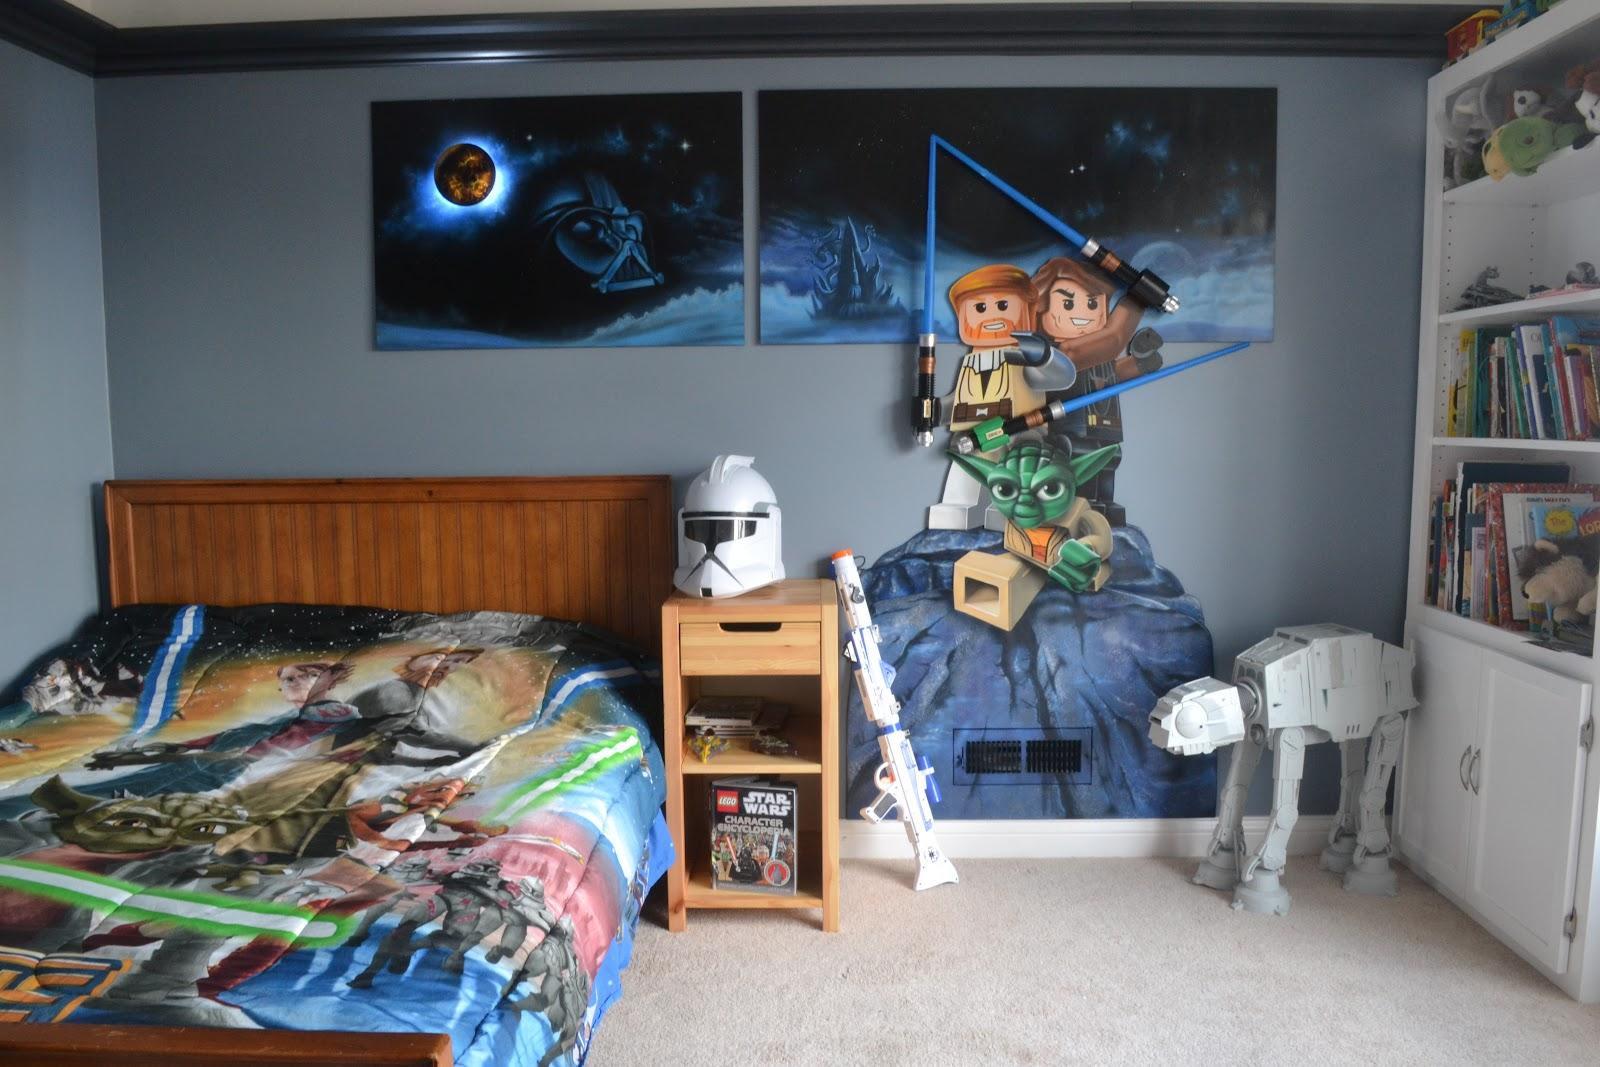 Детская комната в хрущевке в стиле звездных войн